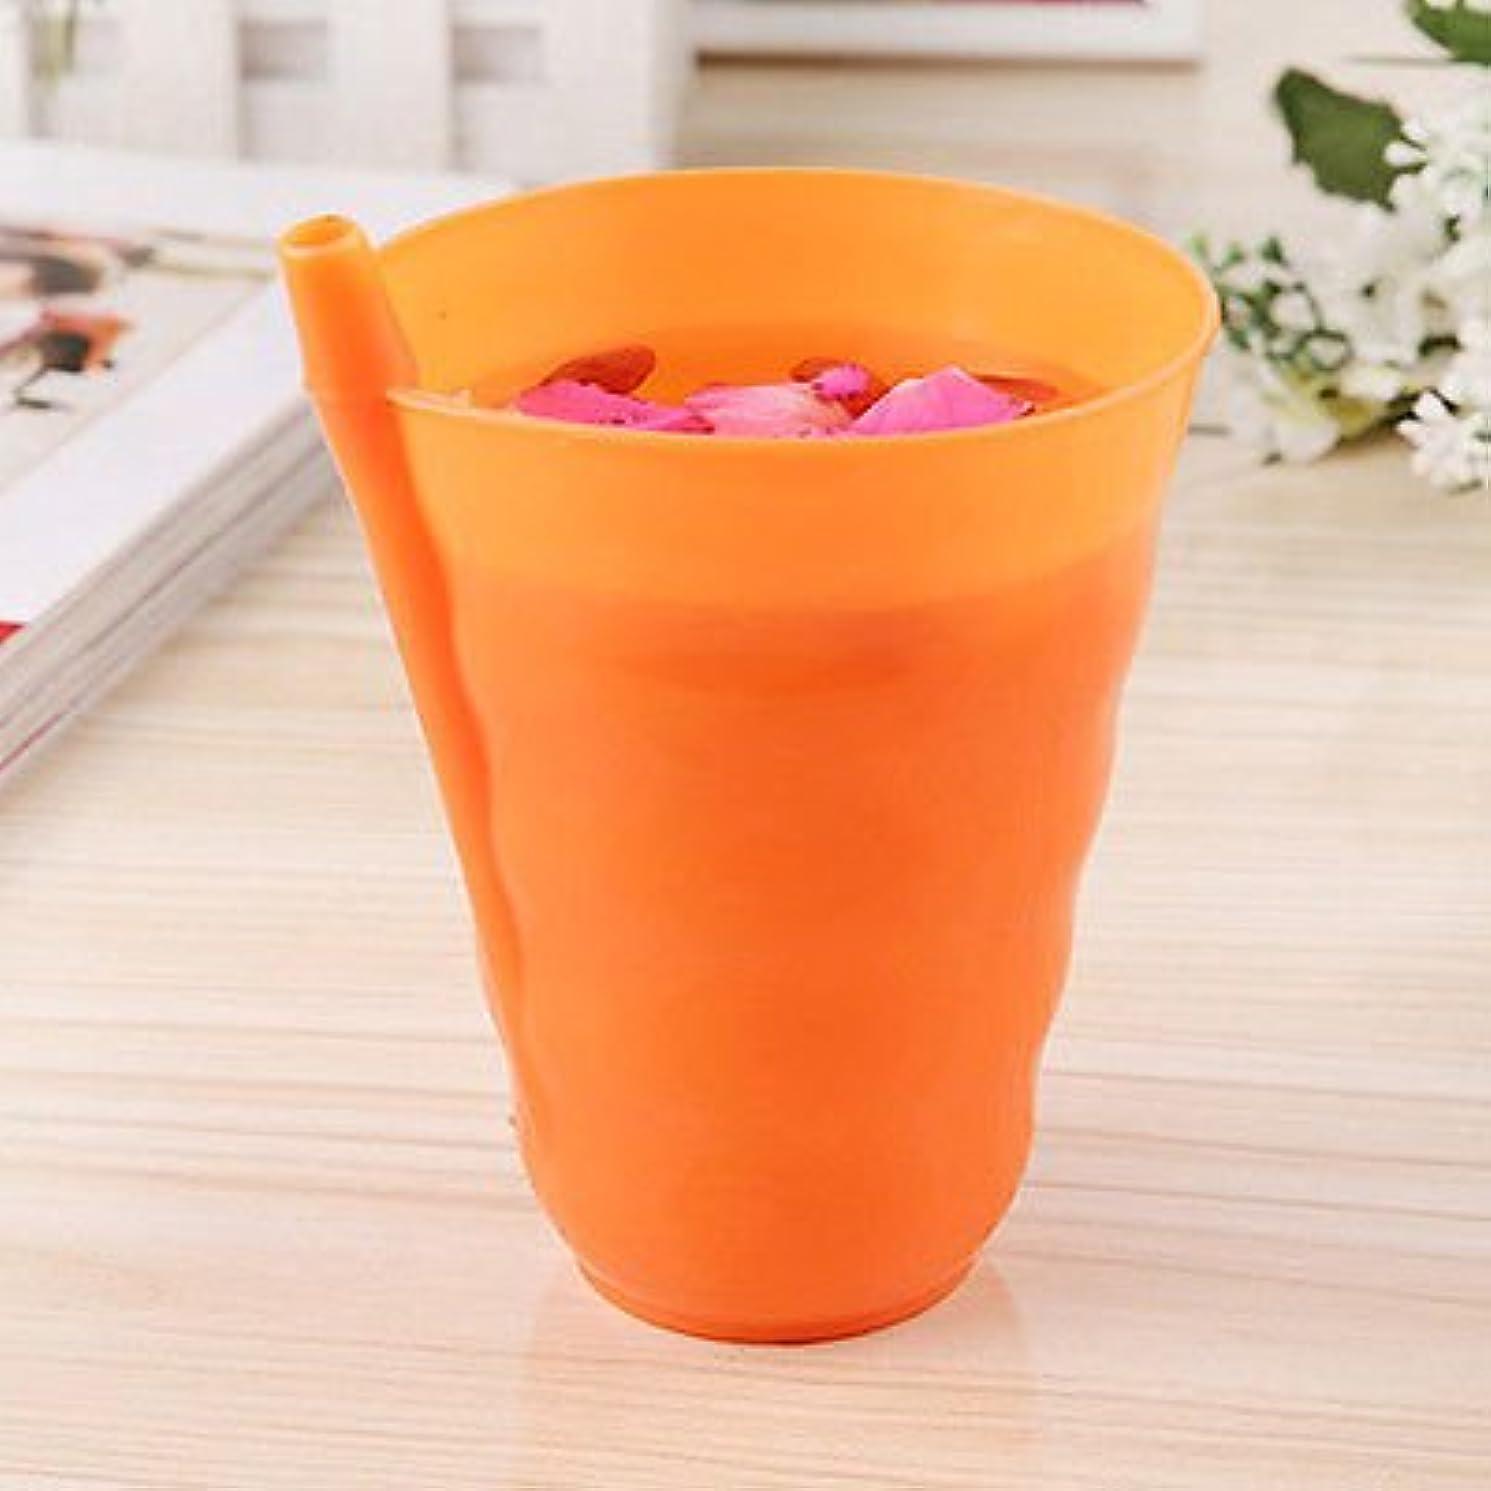 幸運なことに概要リンクオレンジキッズ子供幼児赤ちゃんSip Cup with Built in StrawマグDrinkホーム色